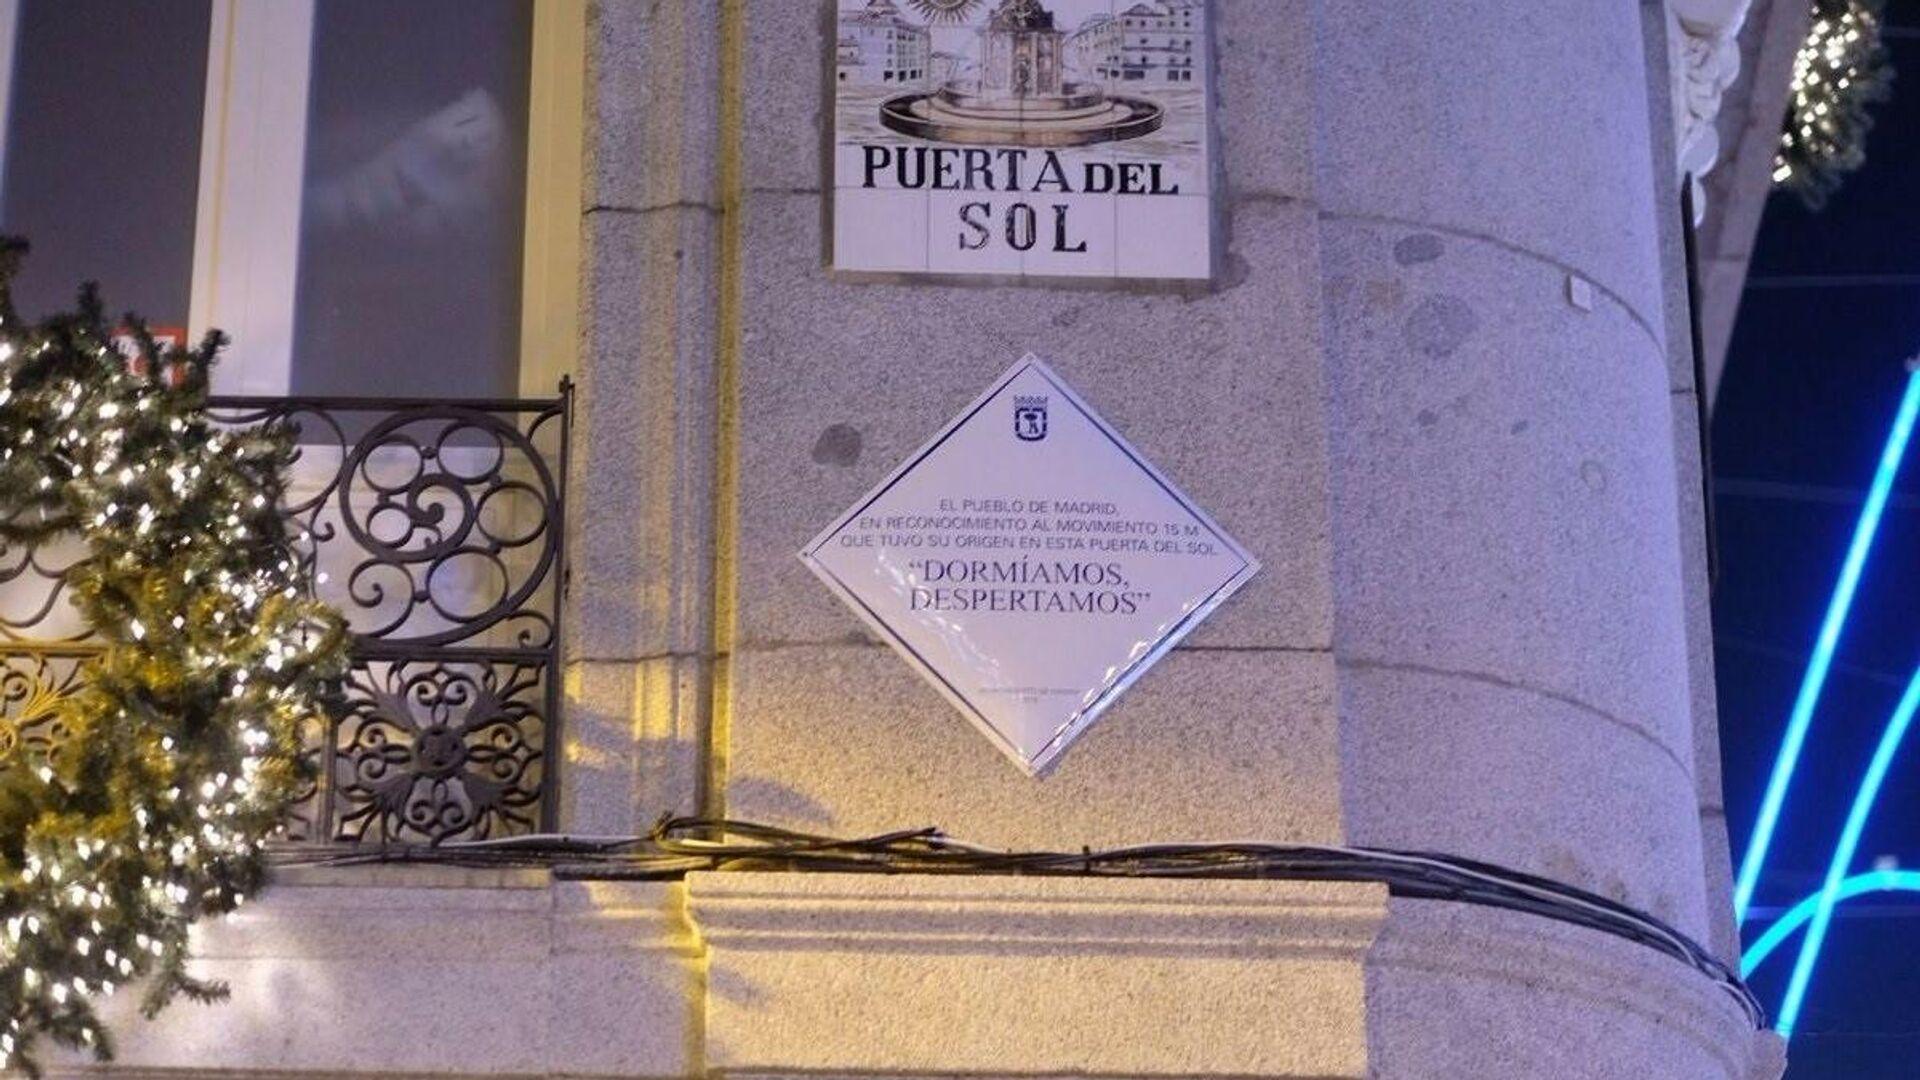 Placa en la Puerta del Sol de Madrid instalada en conmemoración al Movimiento 15-M - Sputnik Mundo, 1920, 12.05.2021